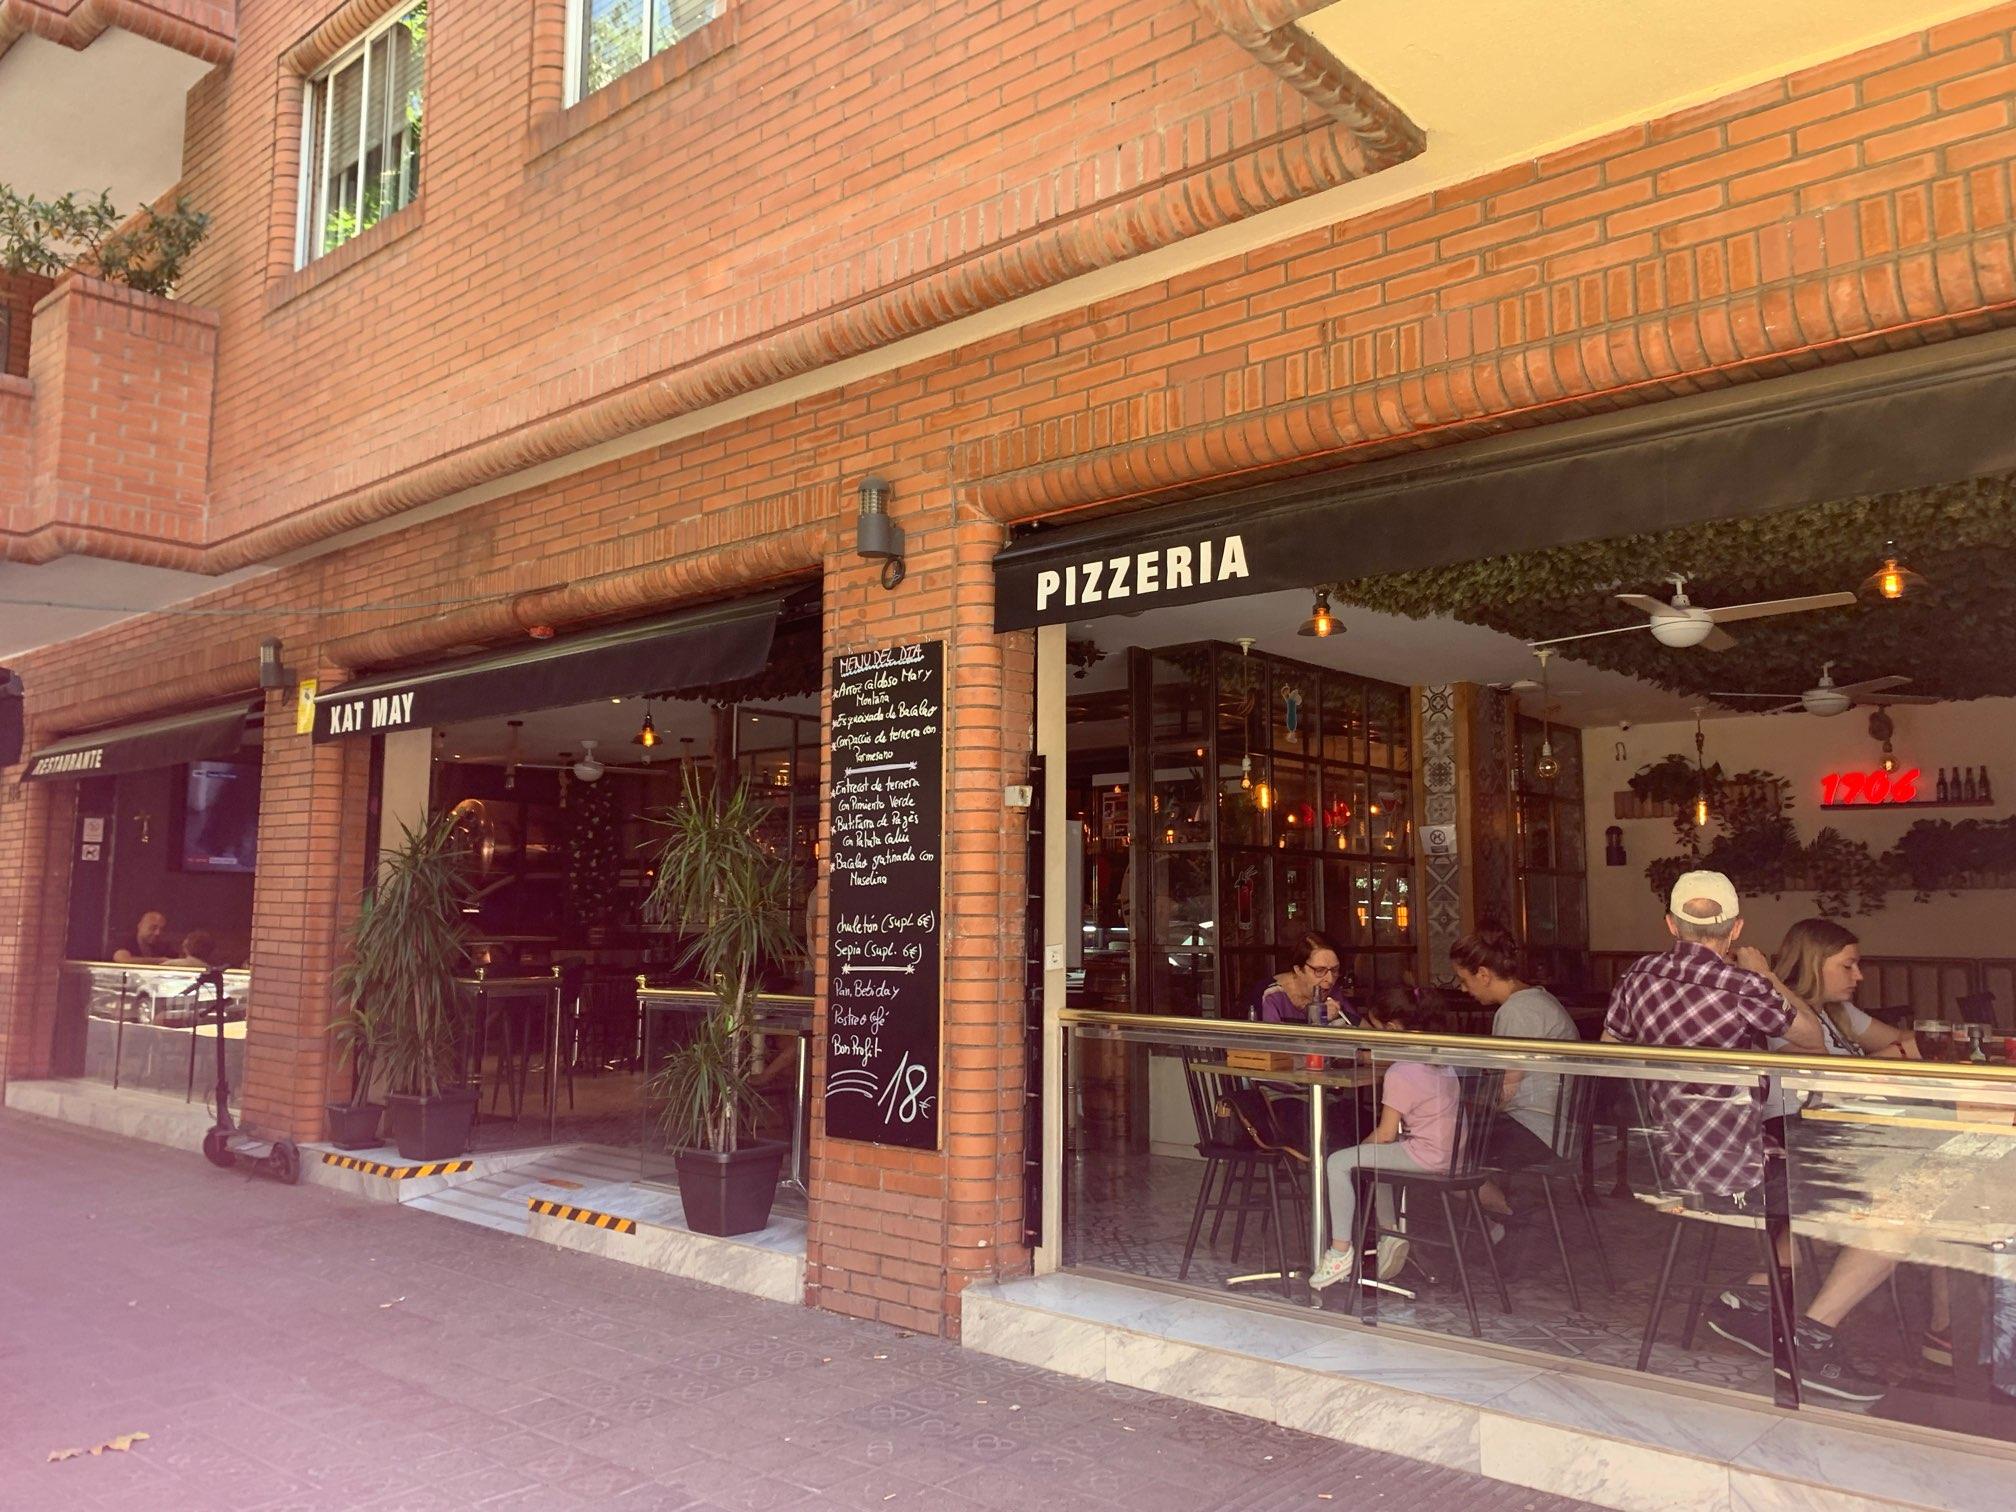 サグラダファミリアから近くのピザ屋